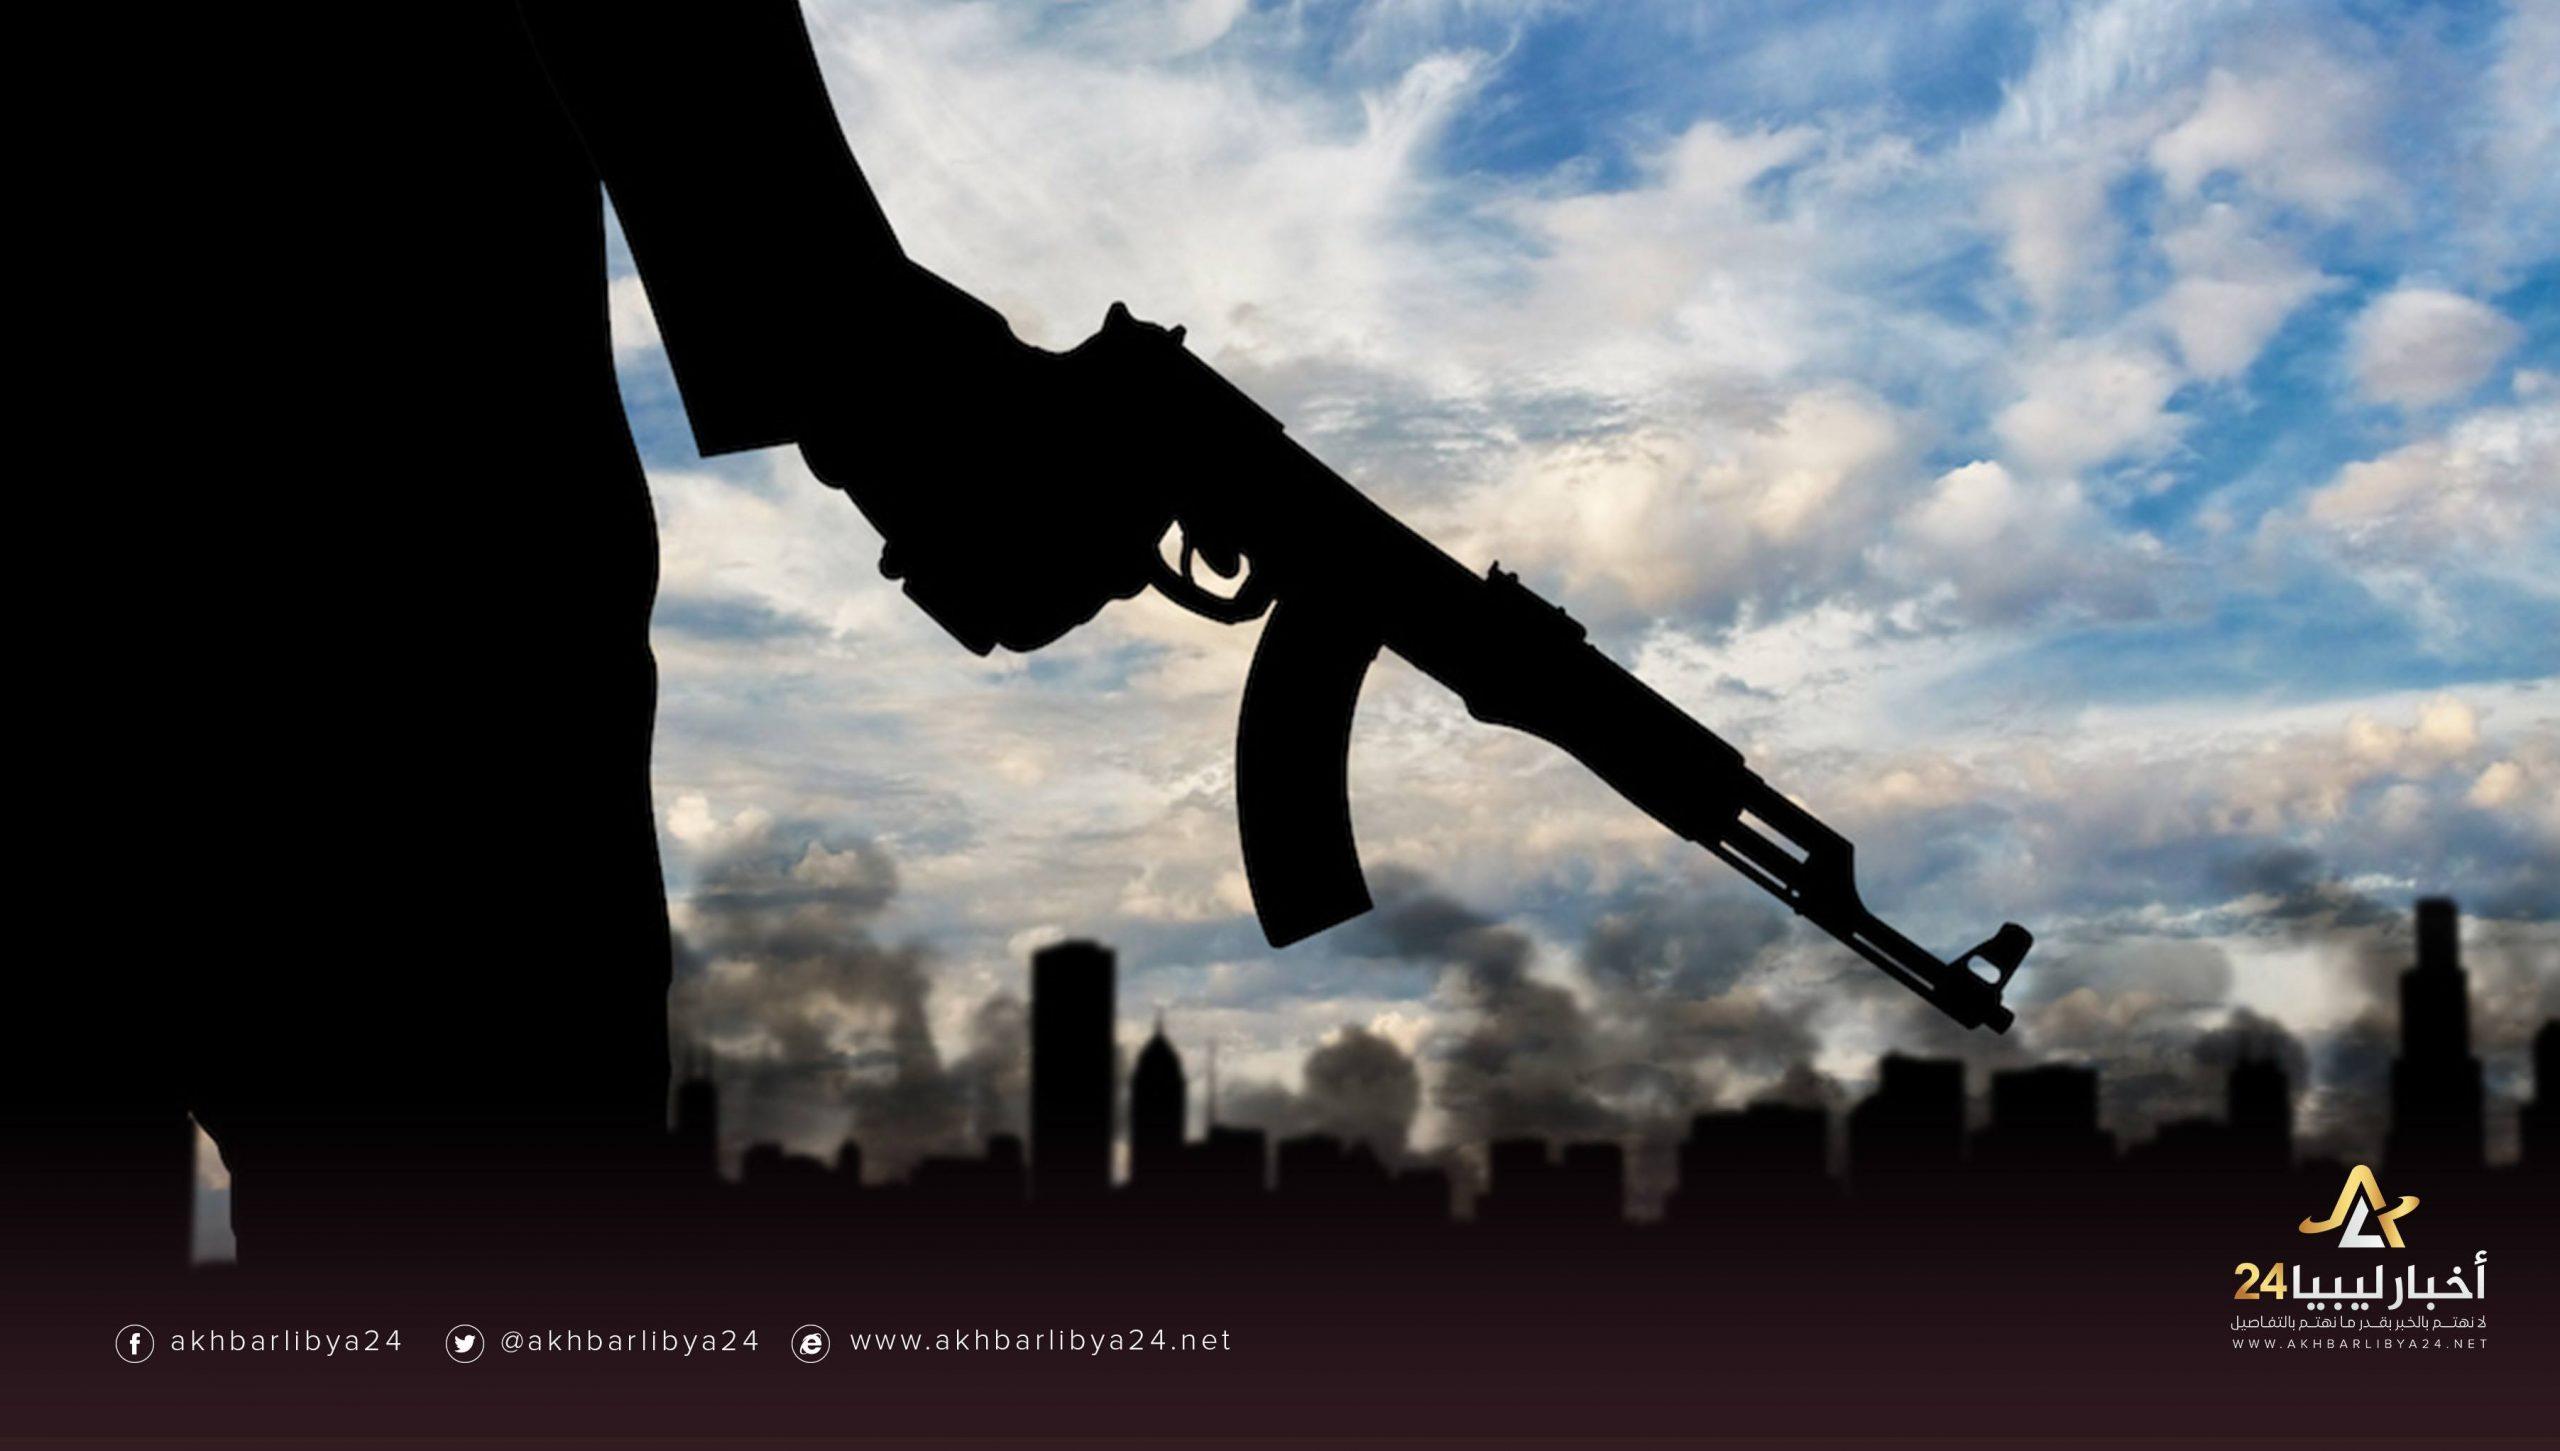 صورة بنغازي.. المدينة التي كانت غارقة في مستنقع الاغتيالات